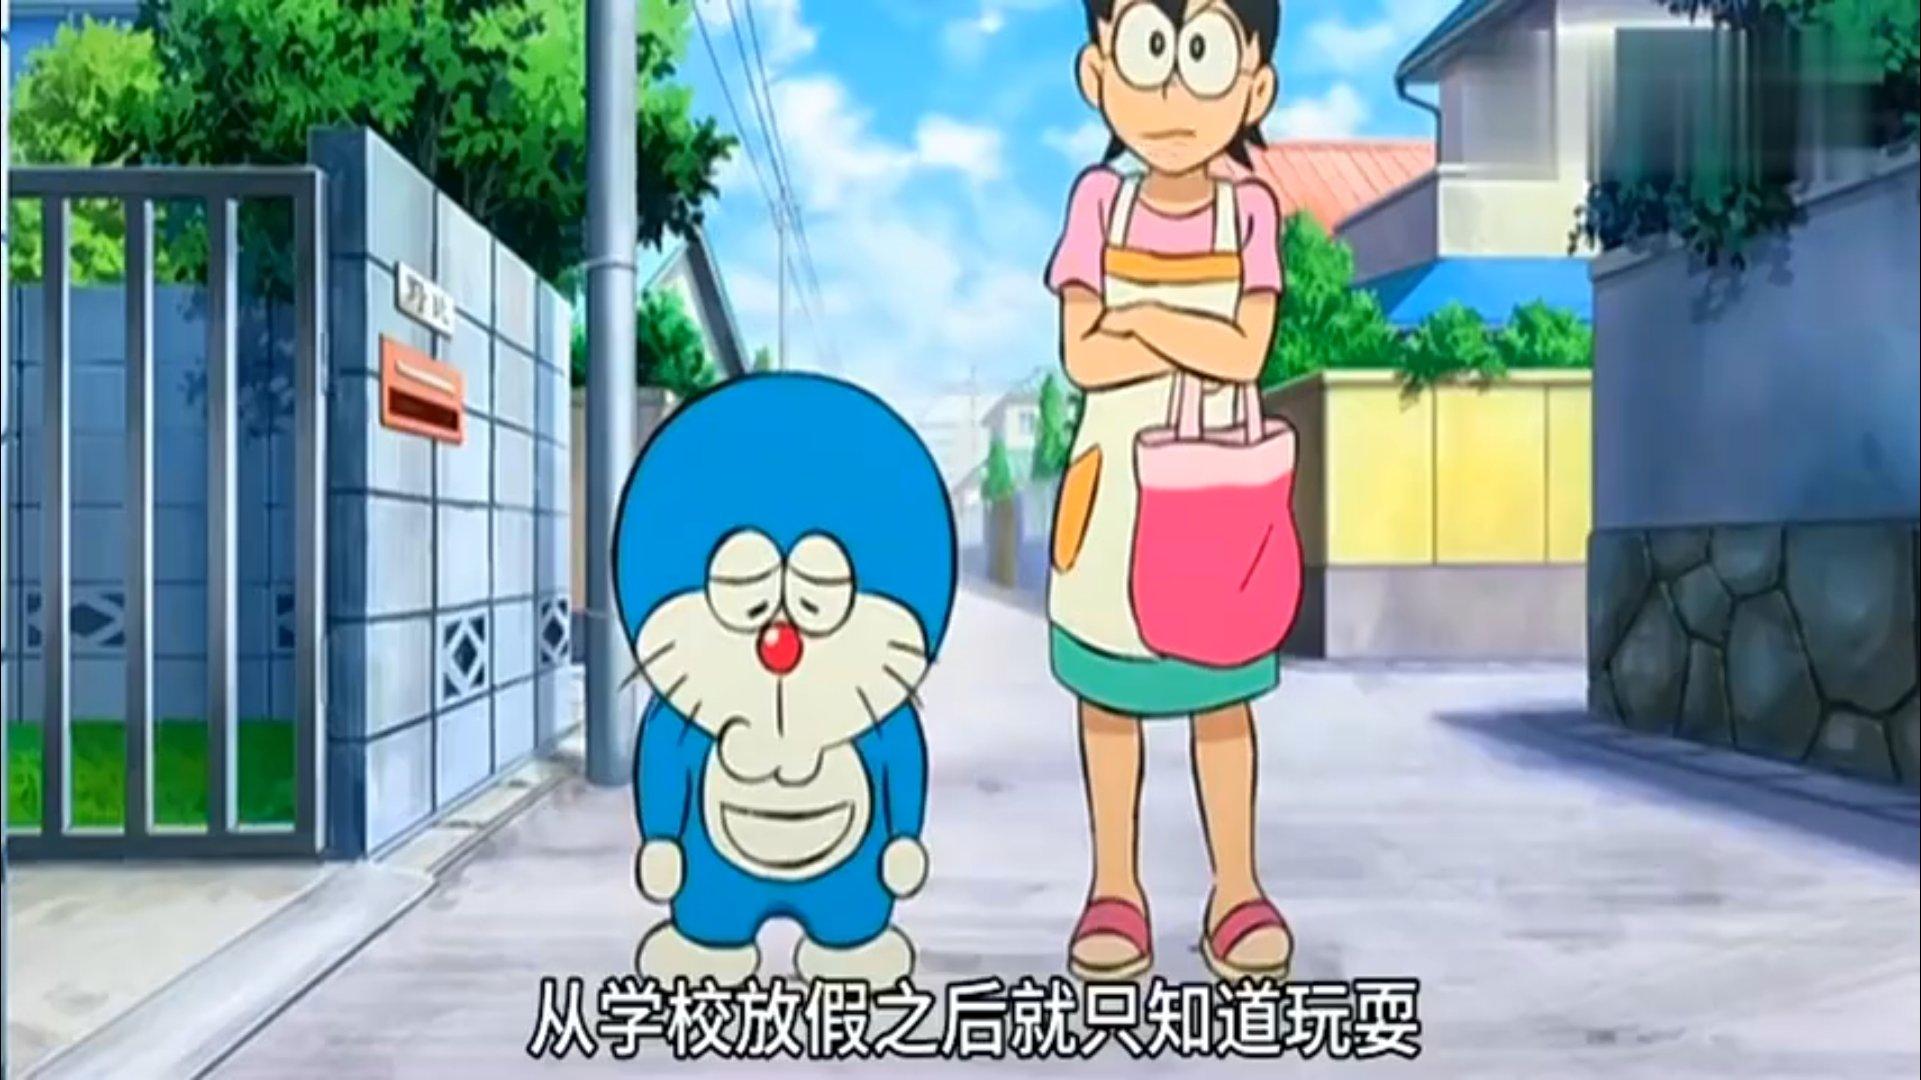 【视频】哆啦A梦:大雄太贪玩了,哆啦A梦还是决定用温暖的眼神守护-小柚妹站